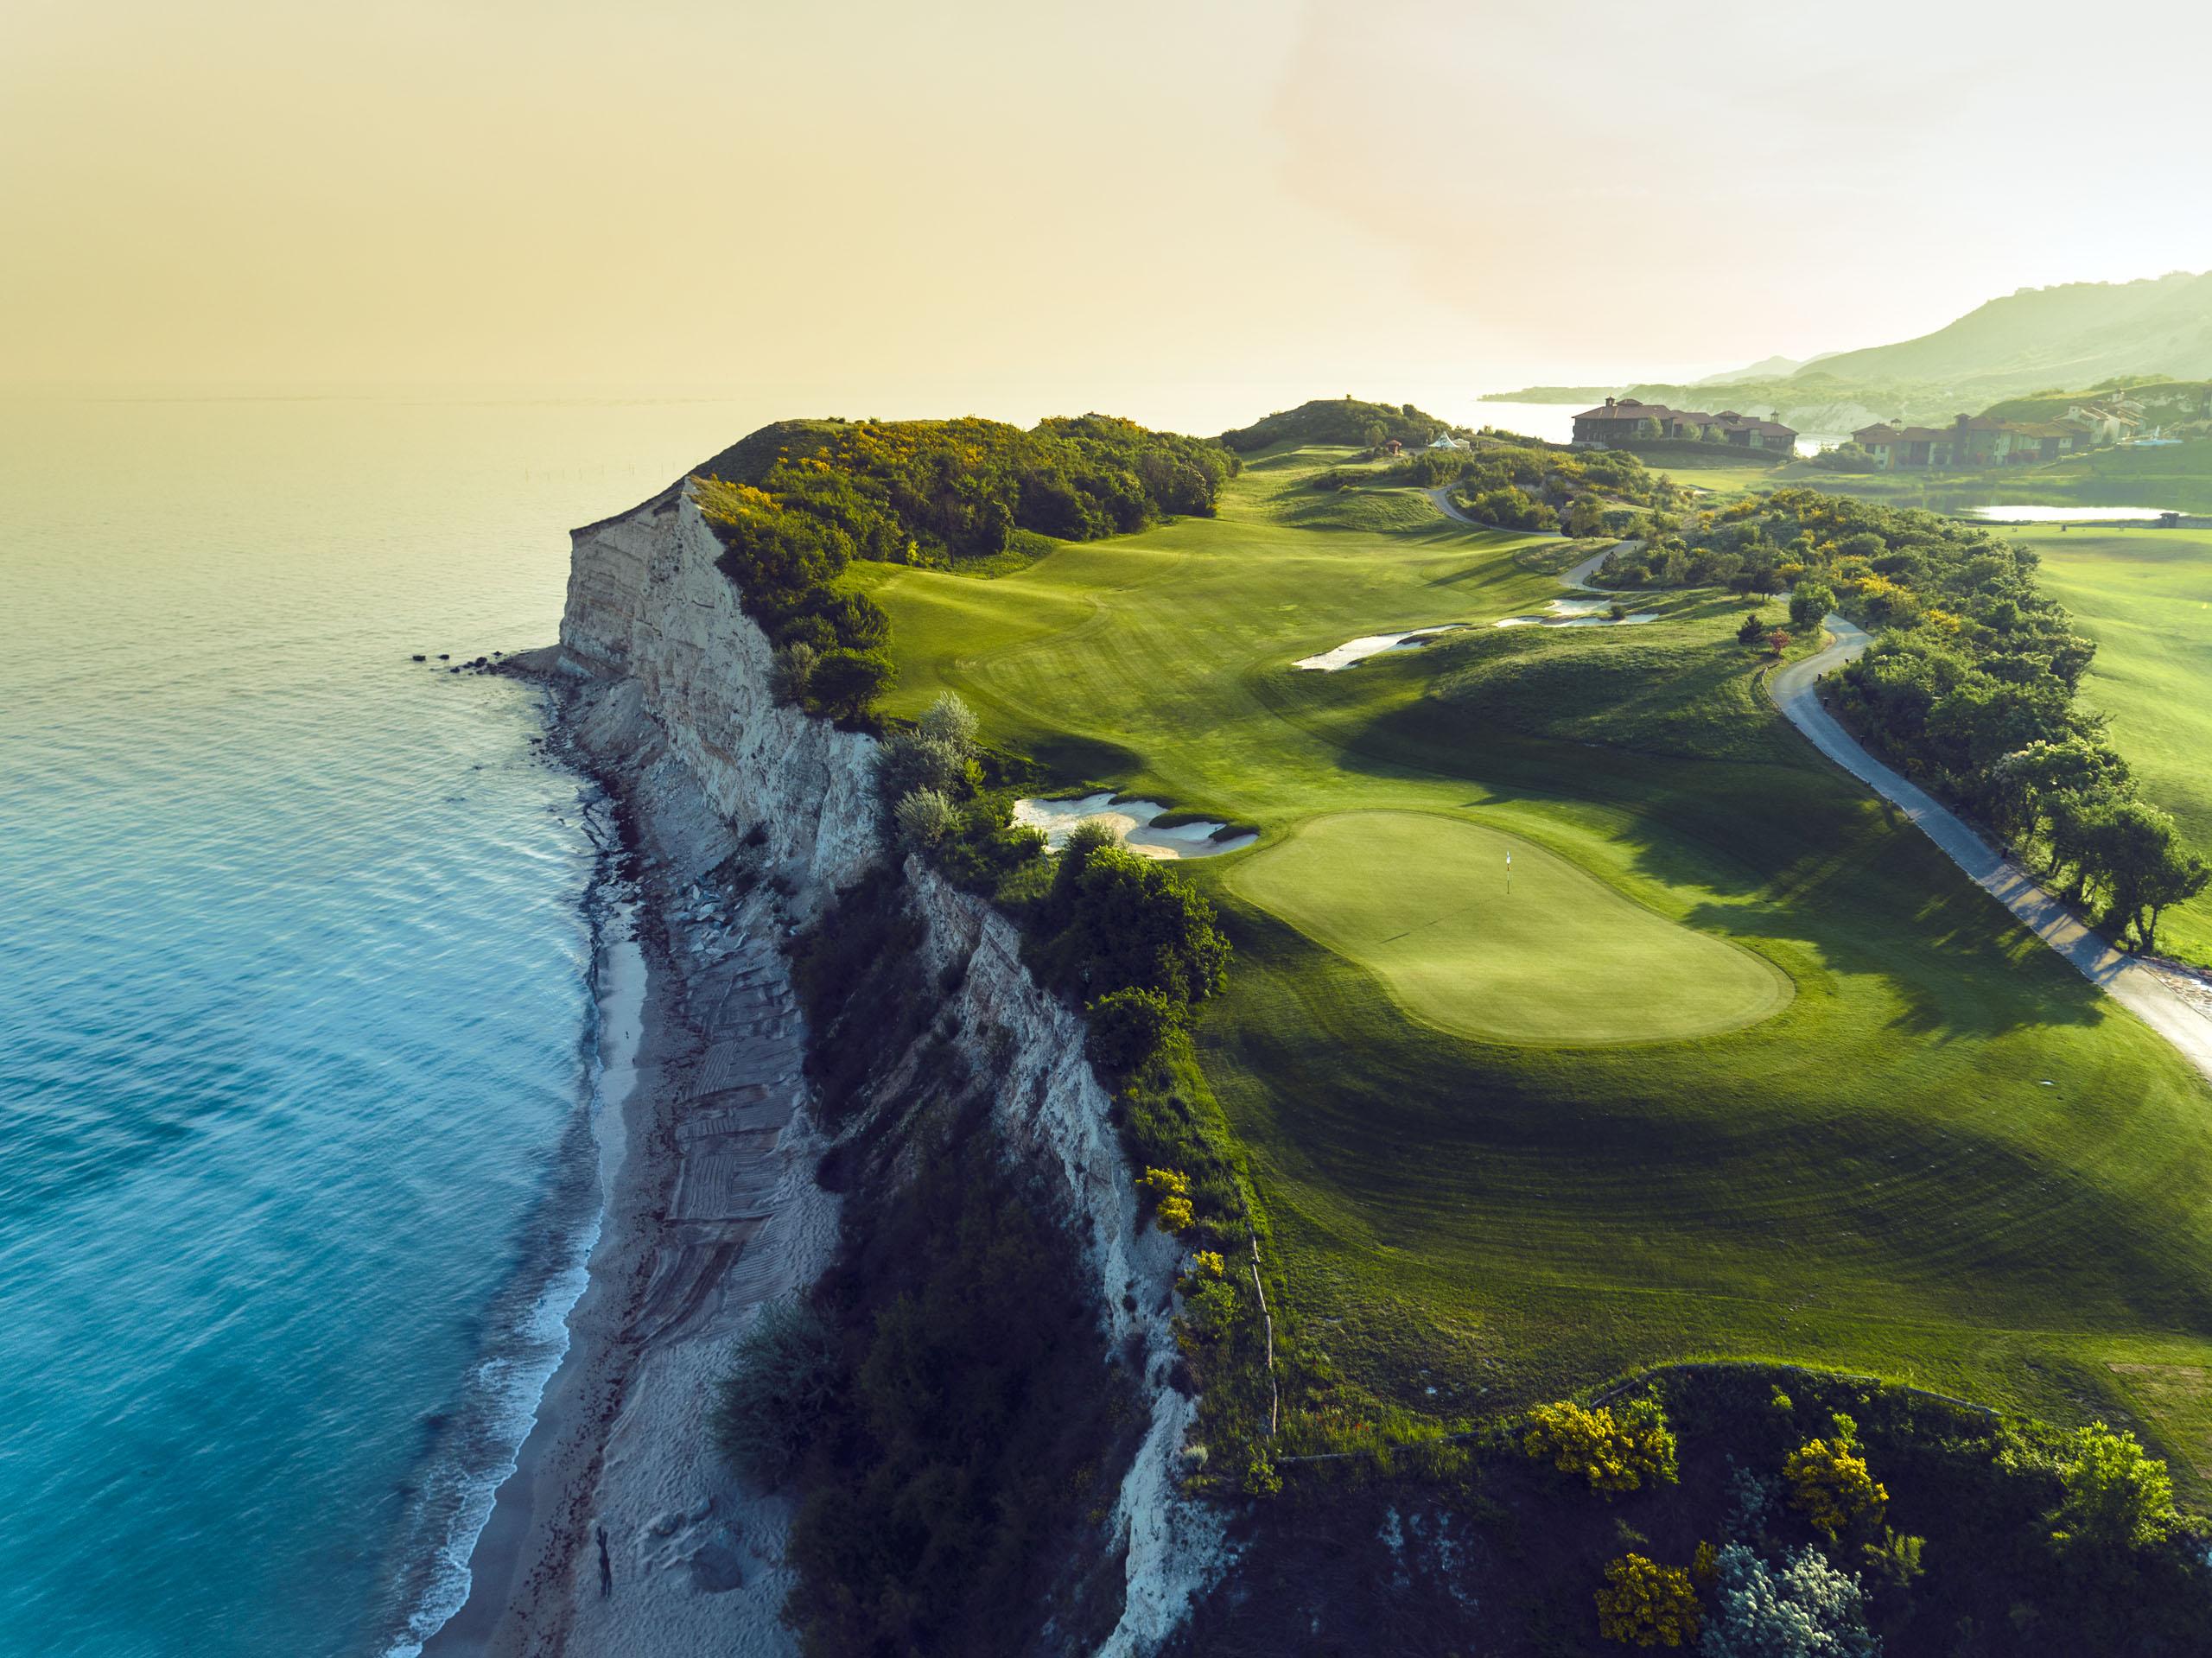 Thracian Cliffs Golf & Beach Resort, No. 1